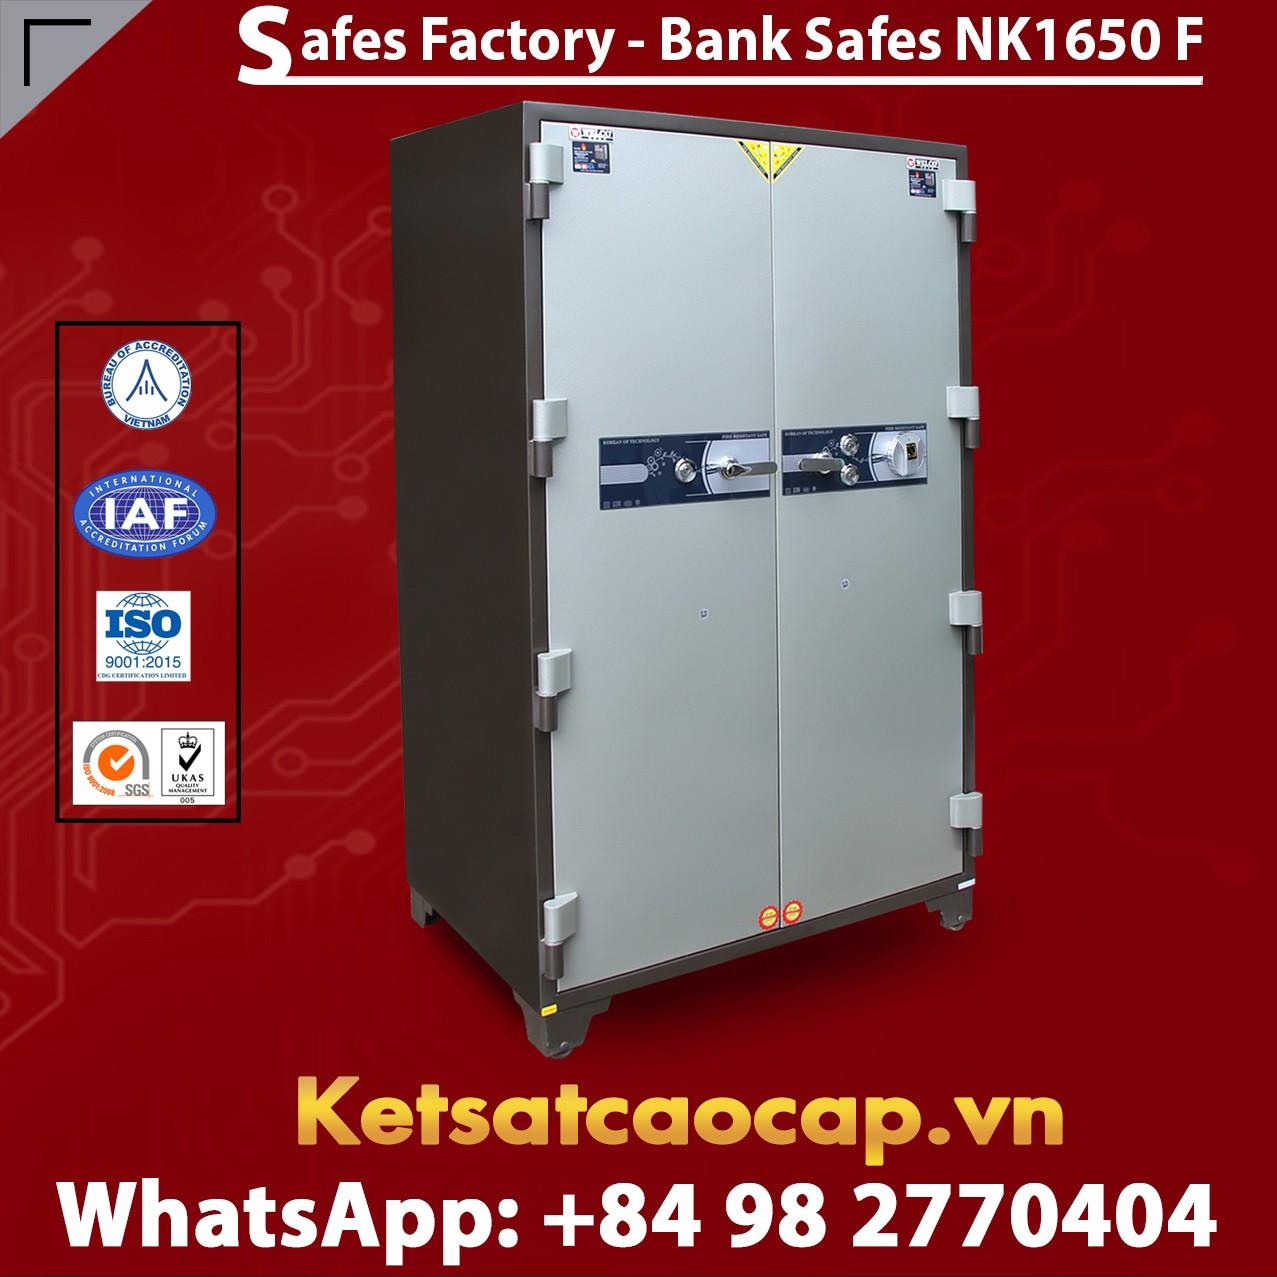 Bank Safe NK 1650 F Hot Sale Design - Modern Mechanical Locking System